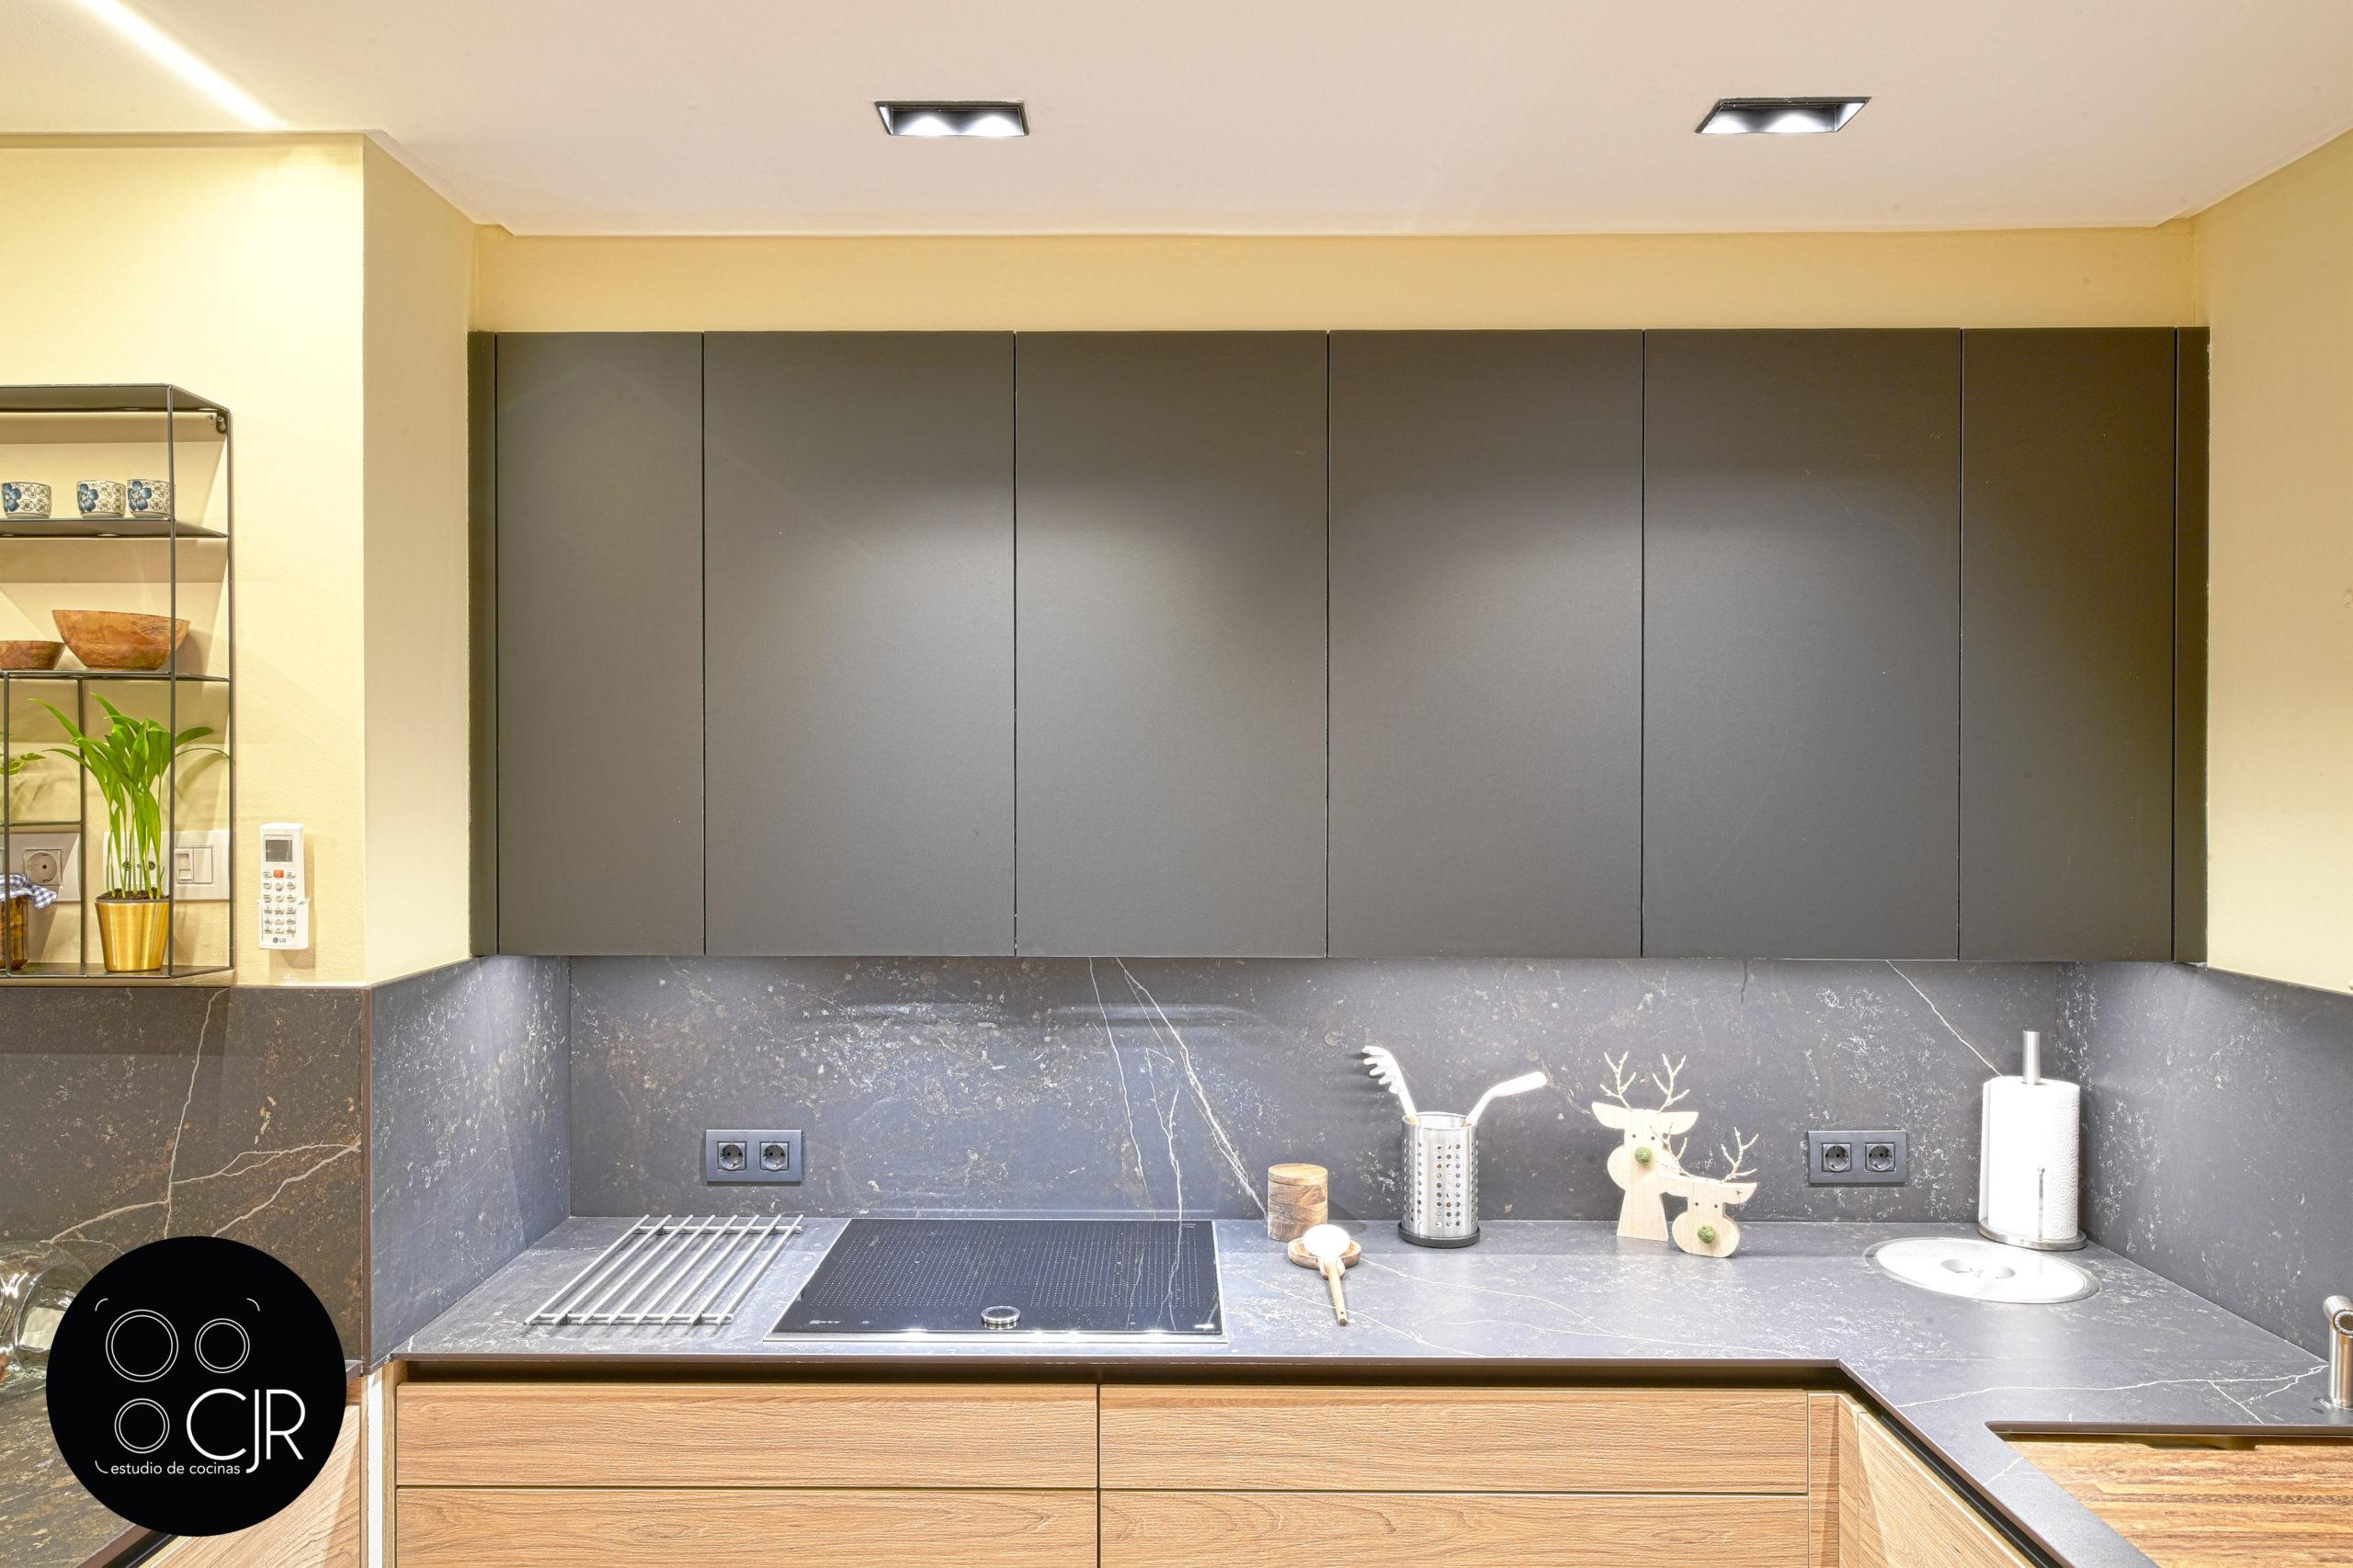 Frontal cajones altos de cocina moderna negra y madera